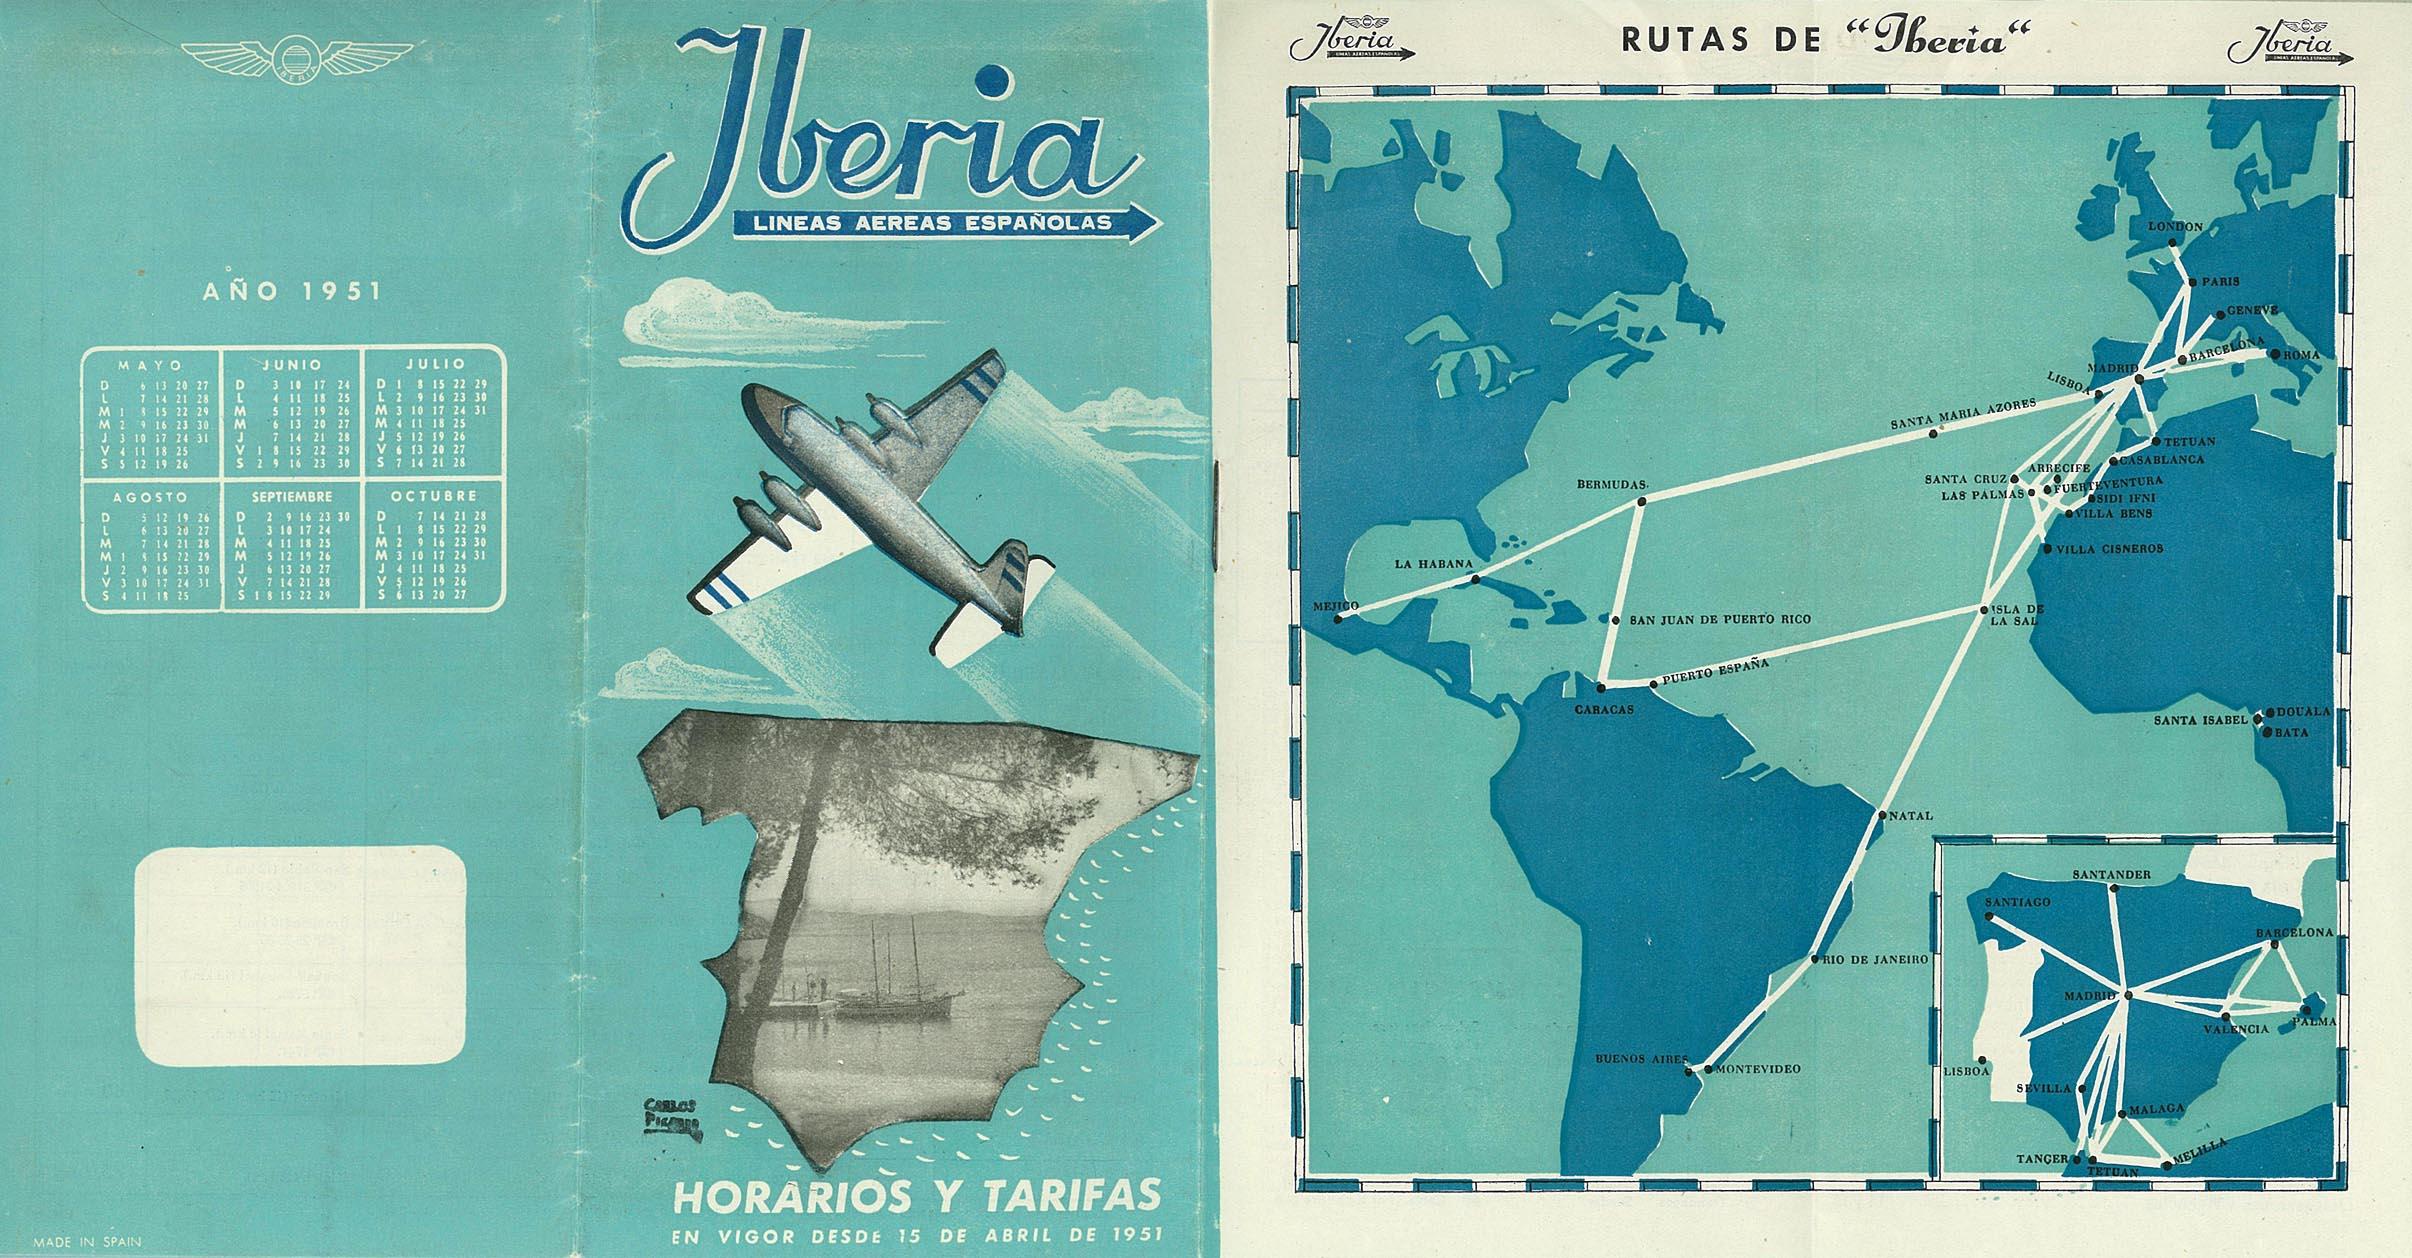 Portada de Tabla de horarios y tarifas de Iberia, de 1951. Colección de Diederik R. Vels Heijn.